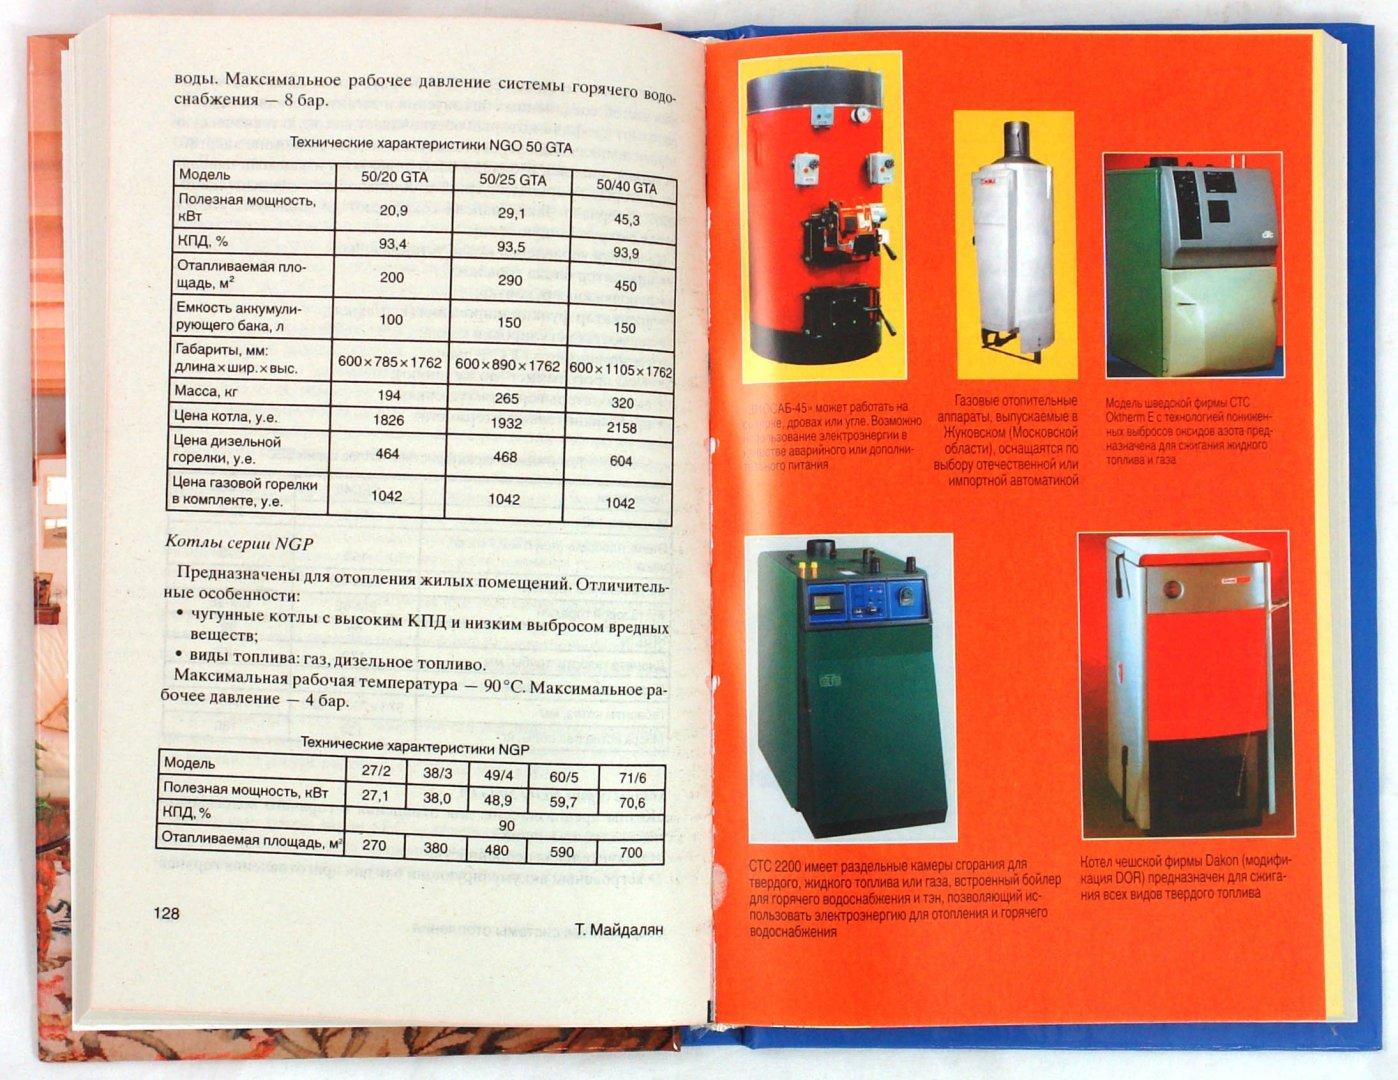 Иллюстрация 1 из 6 для Современные системы отопления - Тигран Майдалян | Лабиринт - книги. Источник: Лабиринт